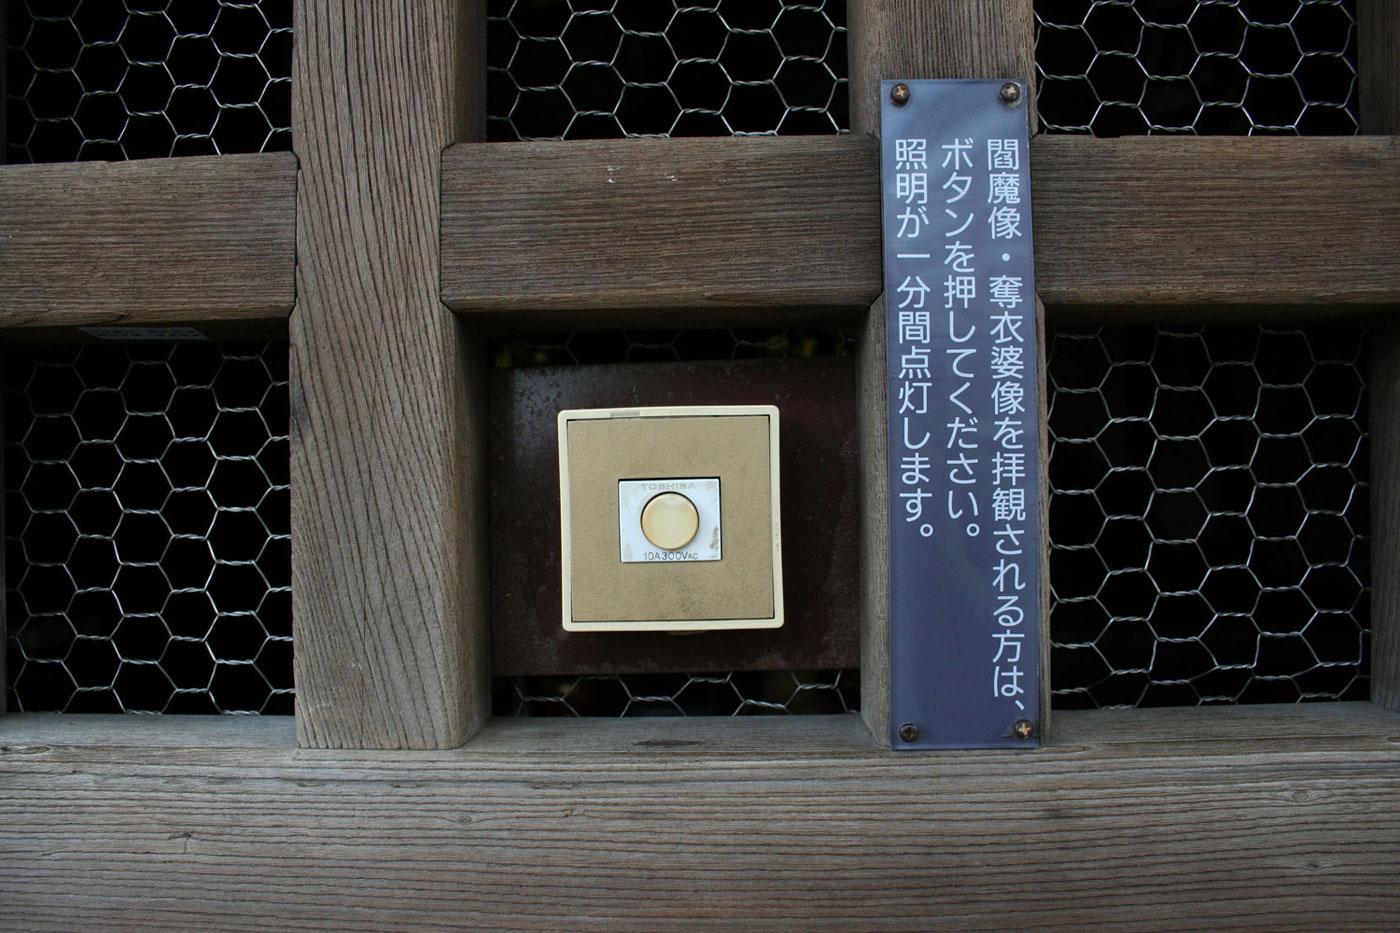 照明ボタン/ボタンを押すと眼前に冥界が立ち現れ、幻のようにフッと消える。